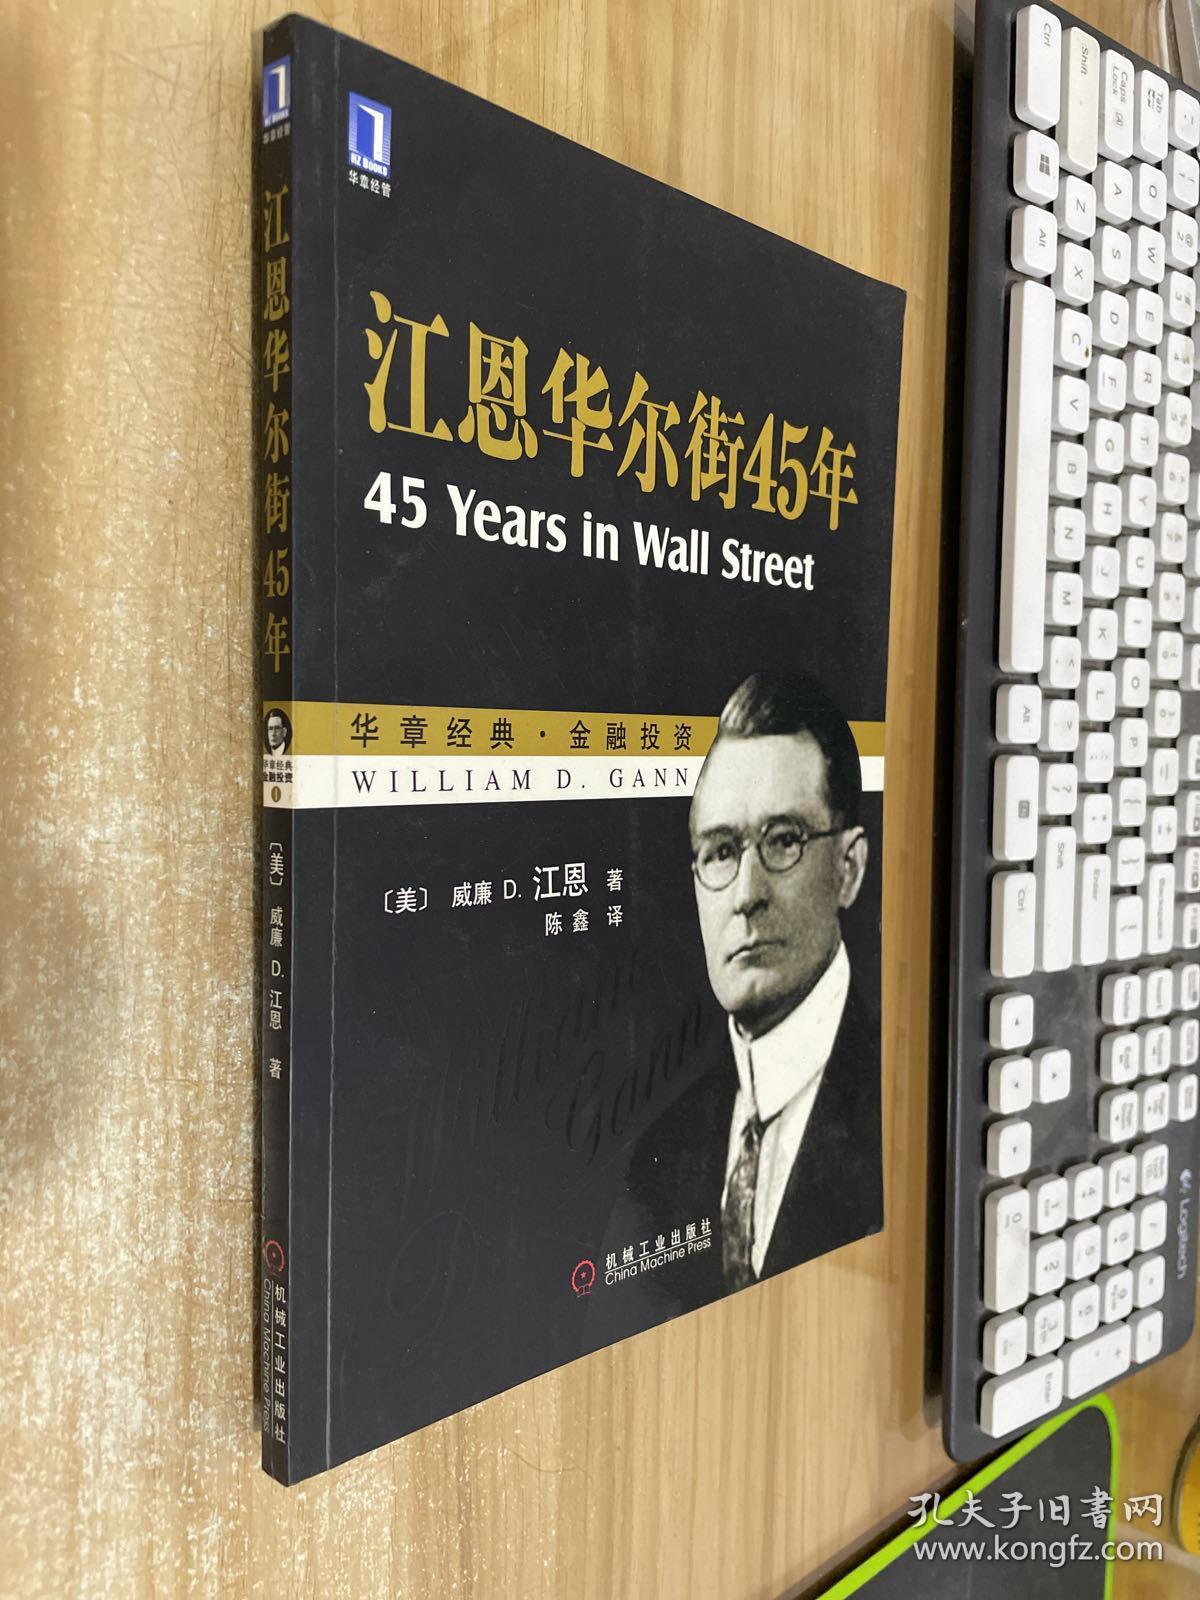 江恩华尔街45年